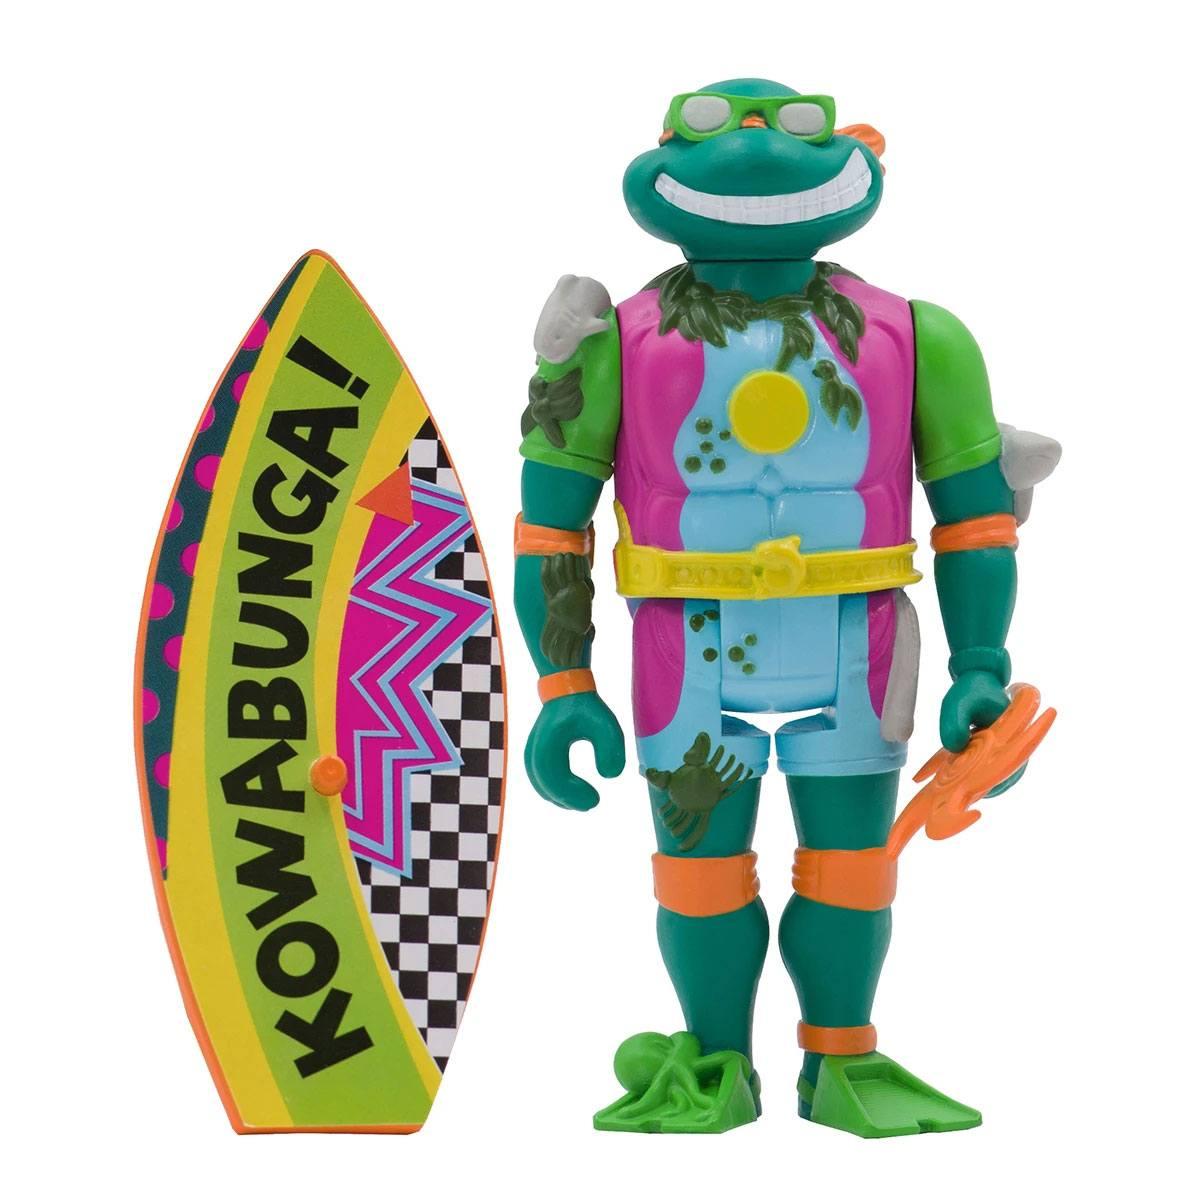 *PREORDER* Teenage Mutant Ninja Turtles ReAction: SEWER SURFER MICHELANGELO by Super7